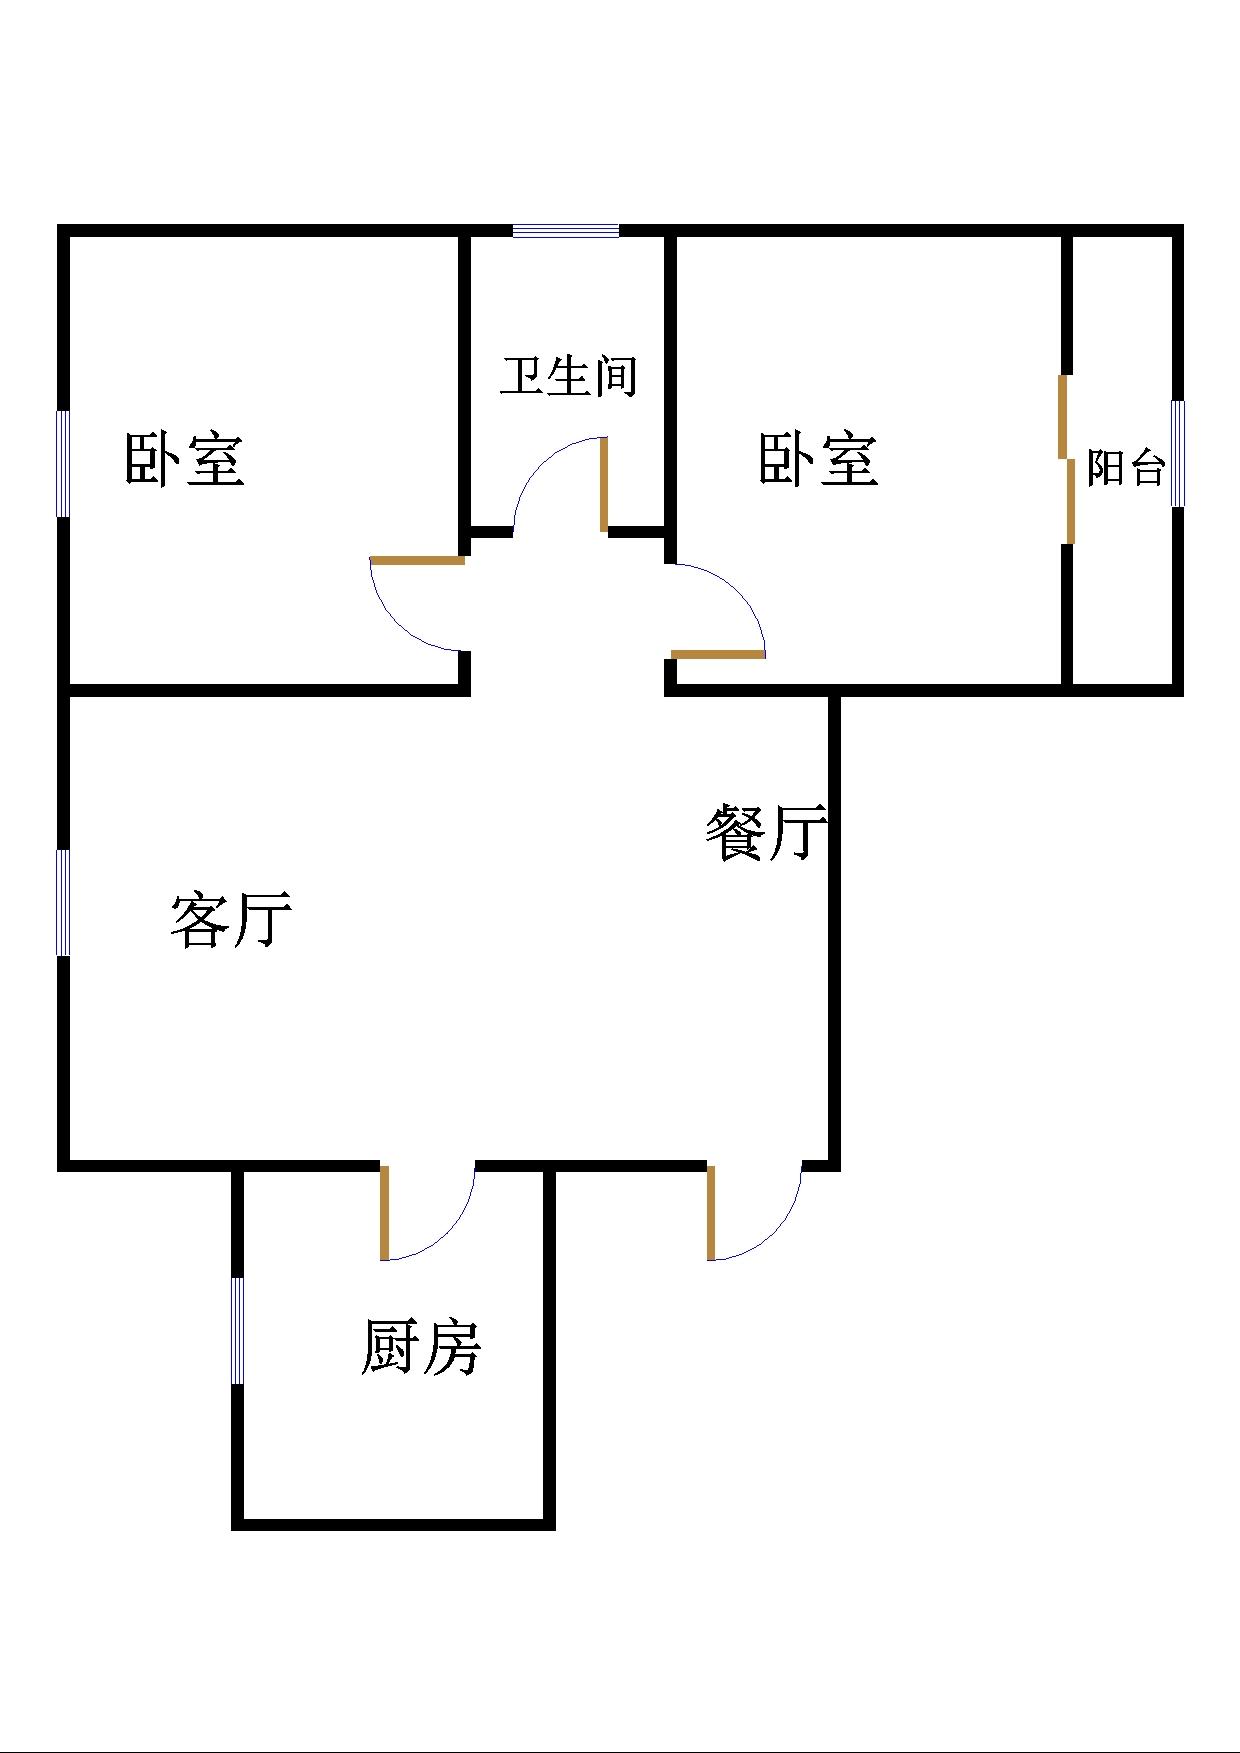 南苑花城 2室2厅  简装 77.8万